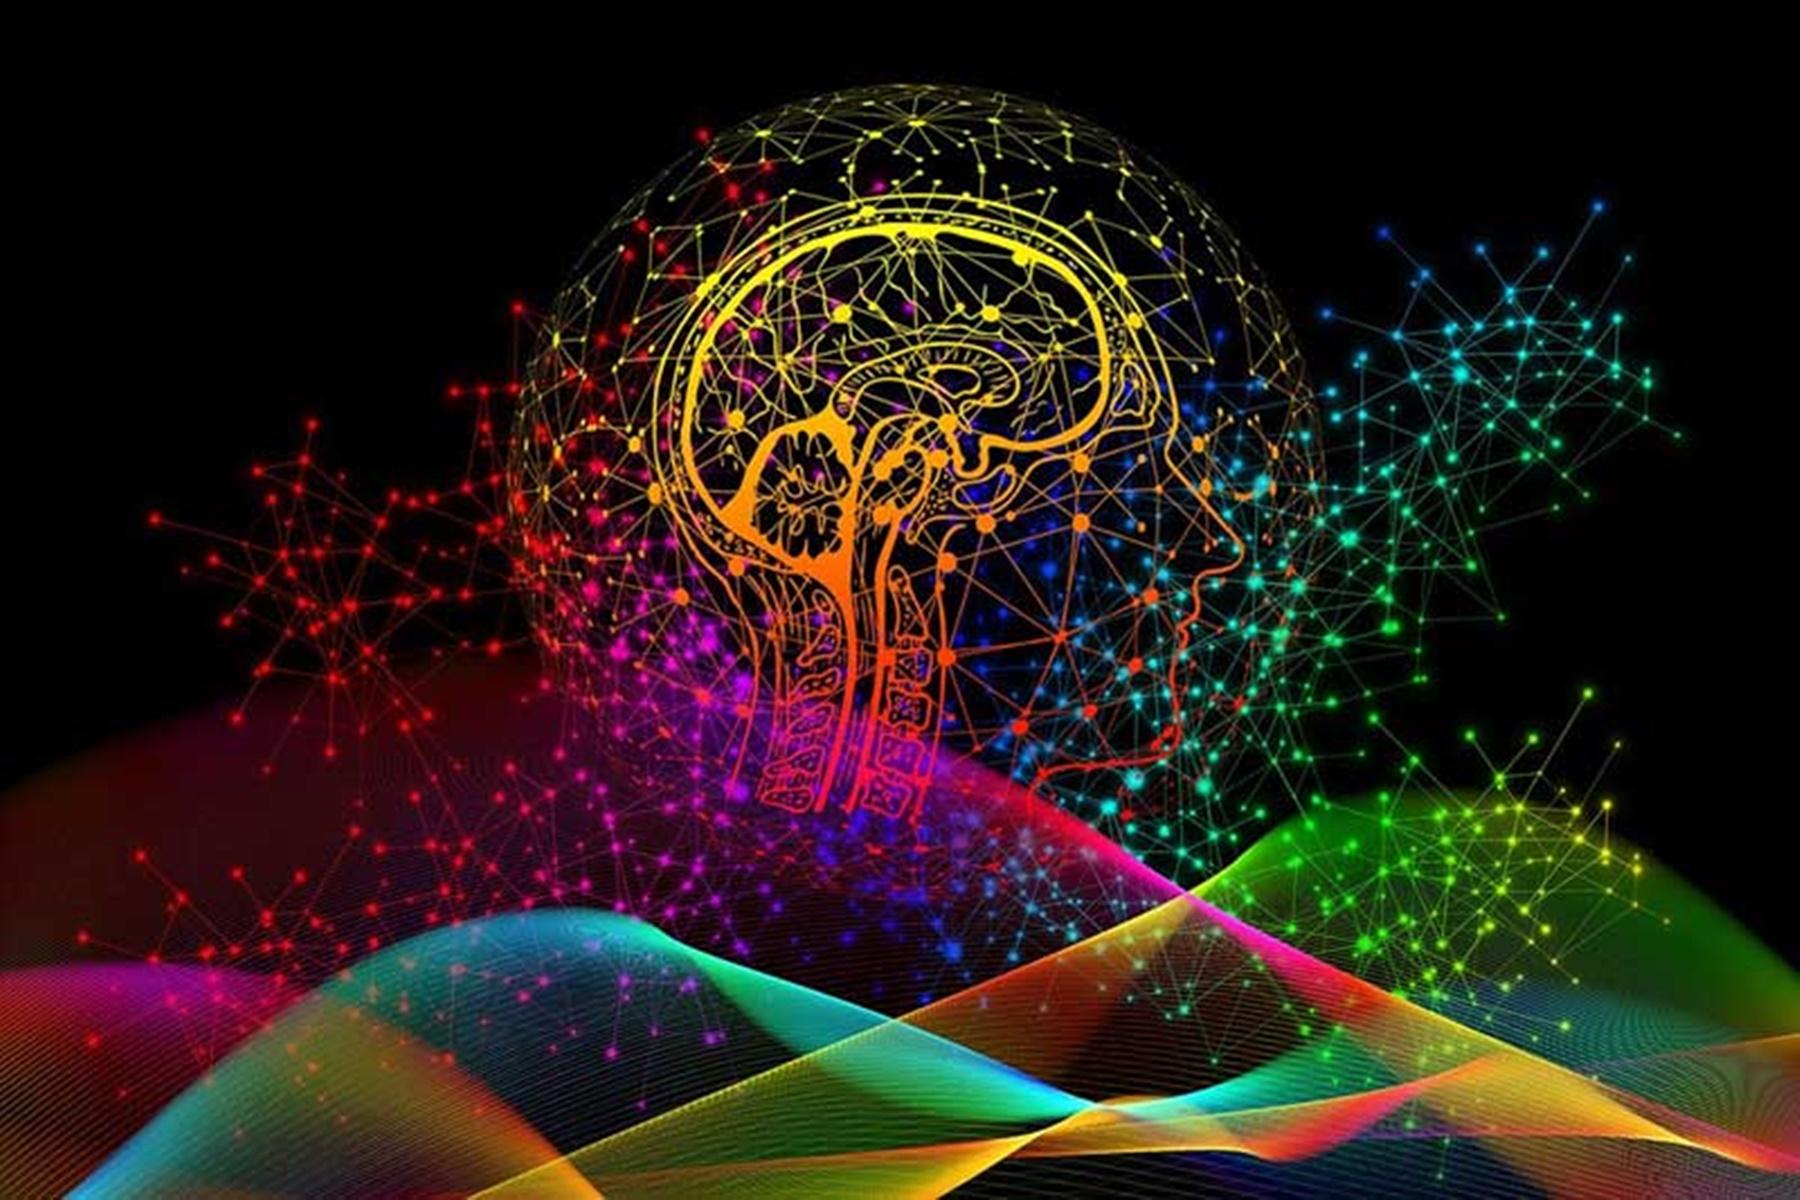 Εγκέφαλος βίντεο: Ο εγκέφαλος πάλλεται με κάθε χτύπο της καρδιάς [vid]